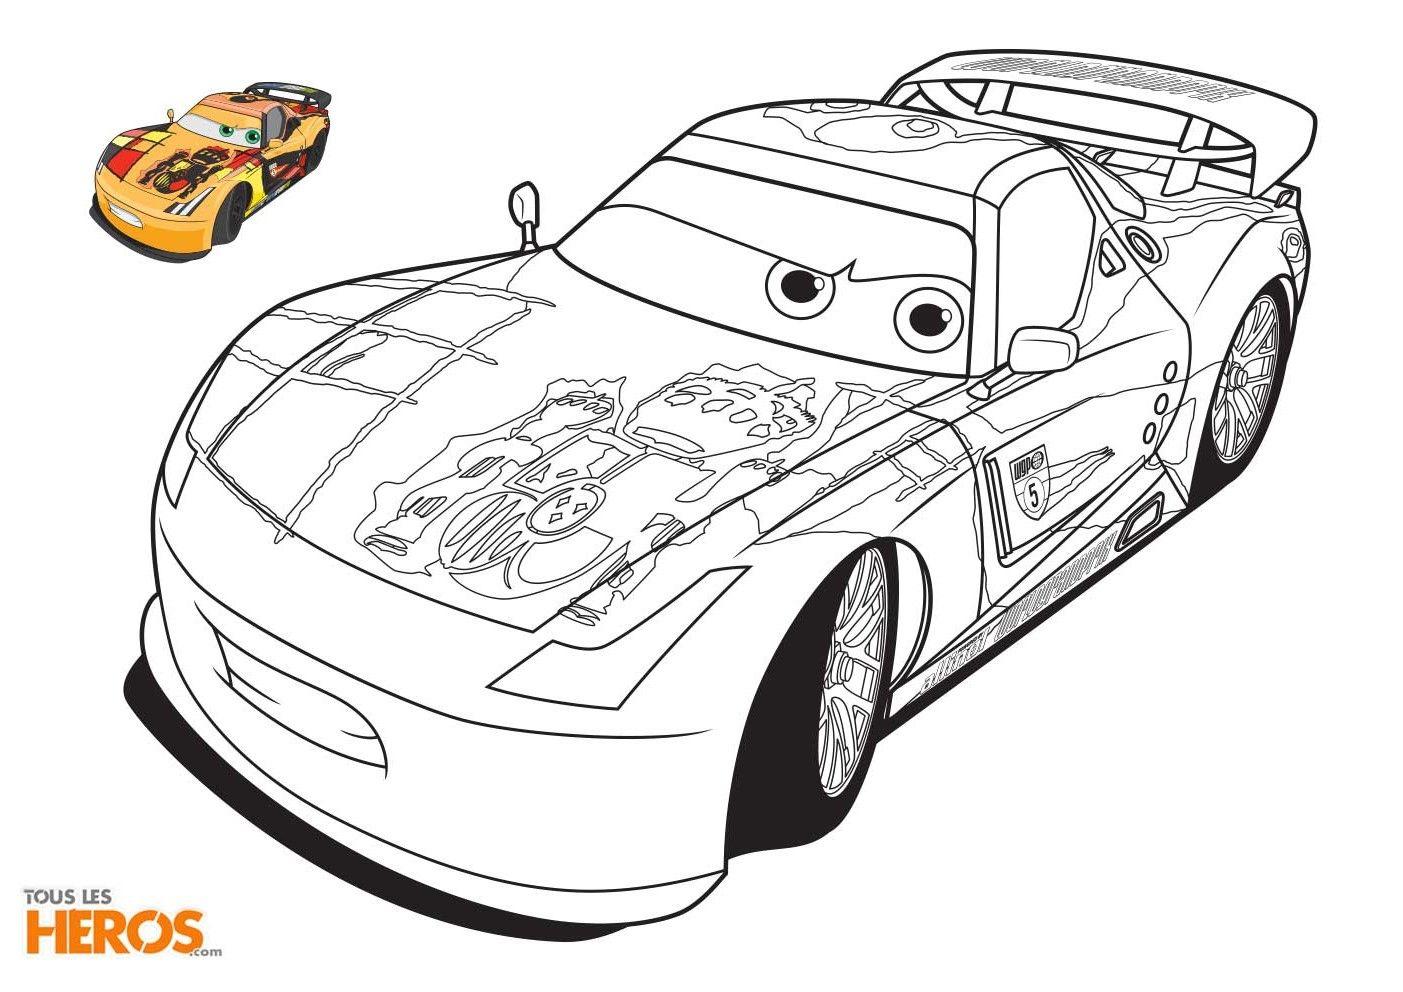 Coloriage_Cars5-1 (1403×992) | Coloriage, Voiture Coloriage dedans Dessin A Imprimer Gratuit Cars